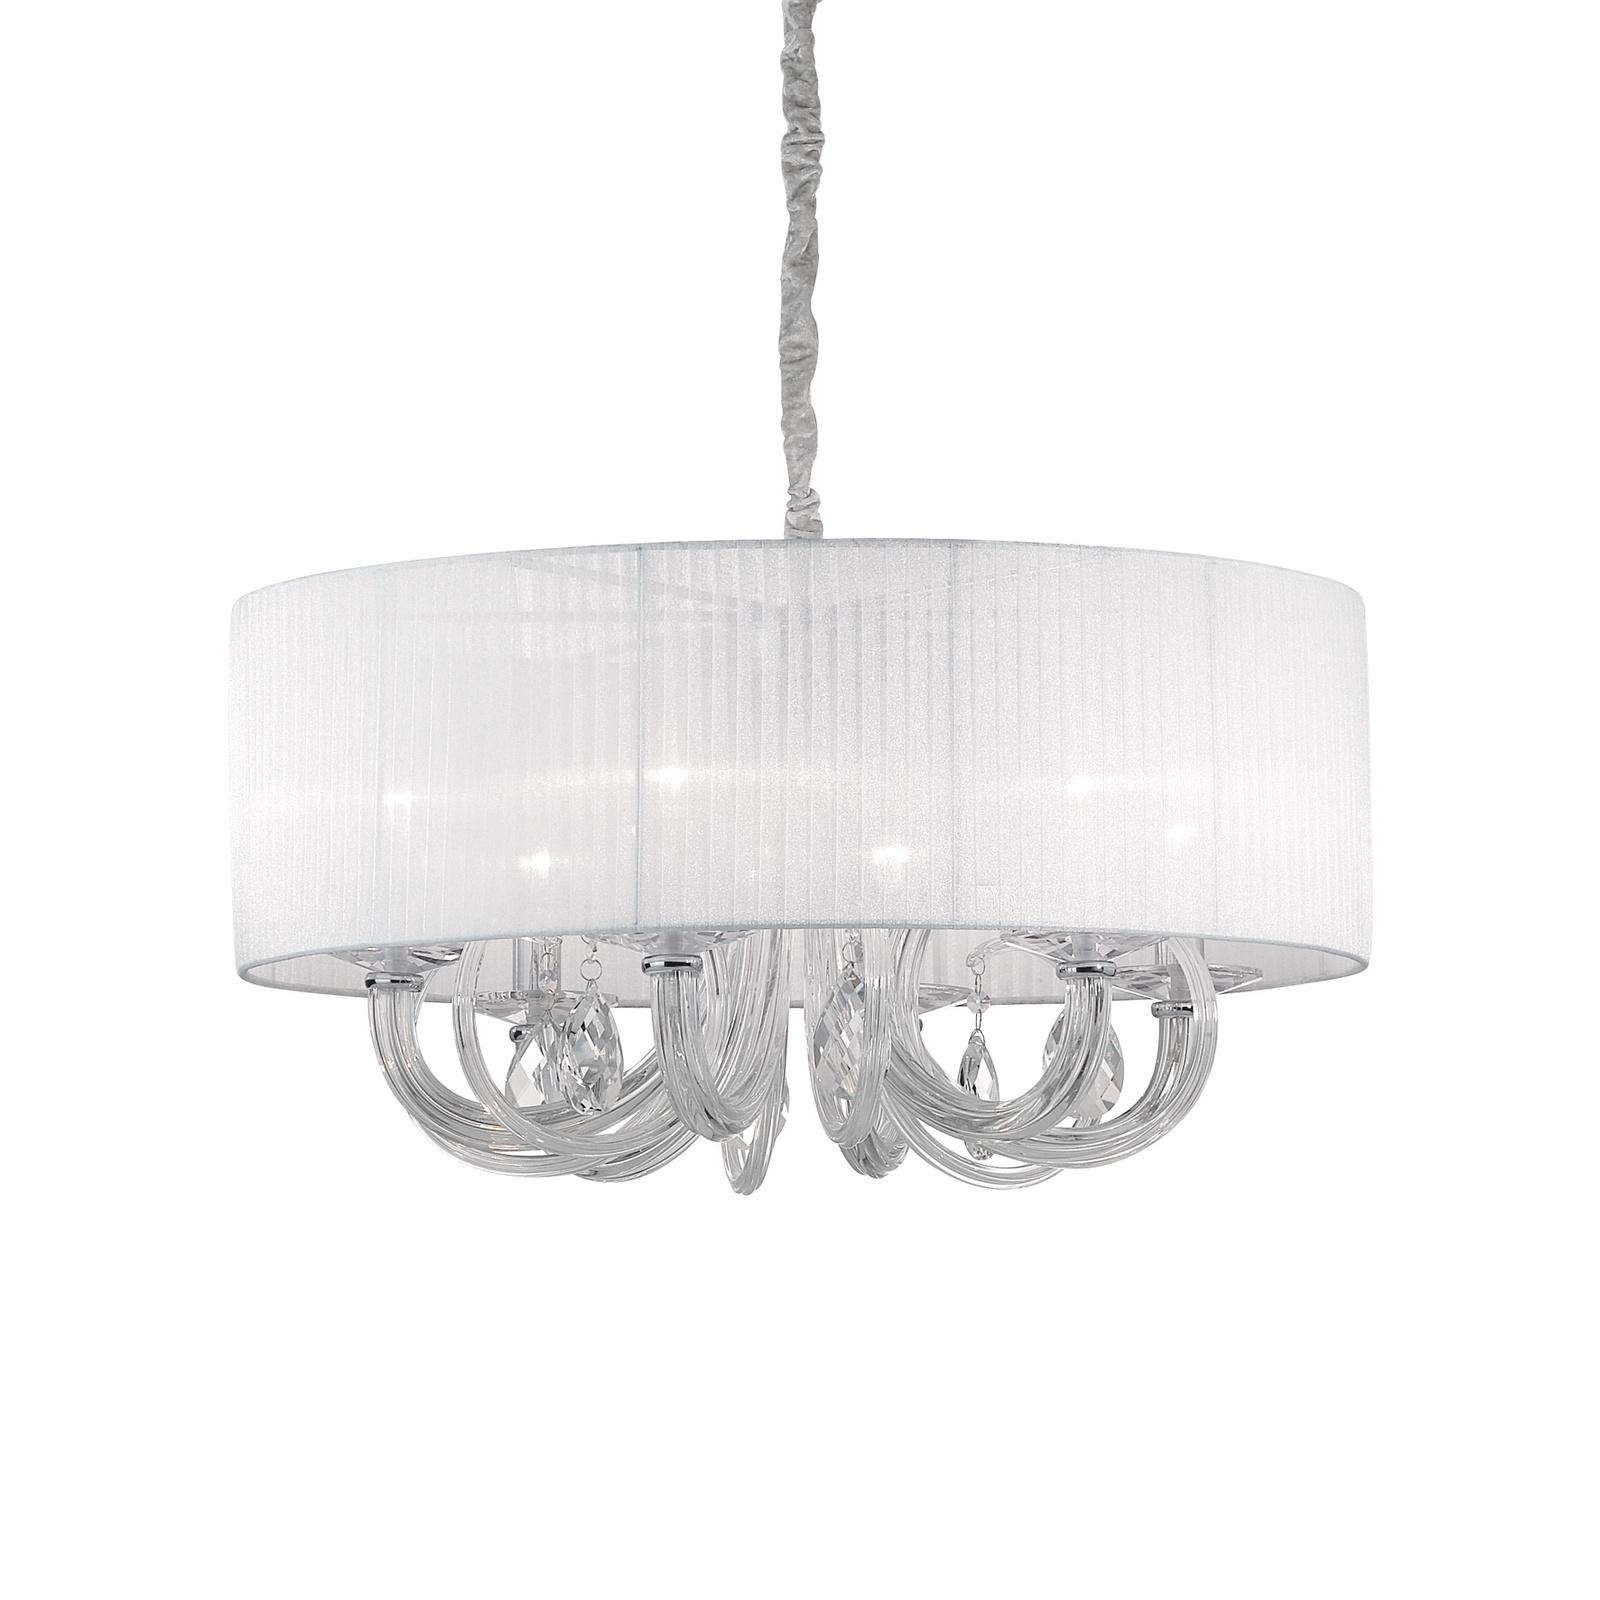 Подвесной светильник Ideal Lux Светильник подвесной SWAN SP6, E14, 40 Вт